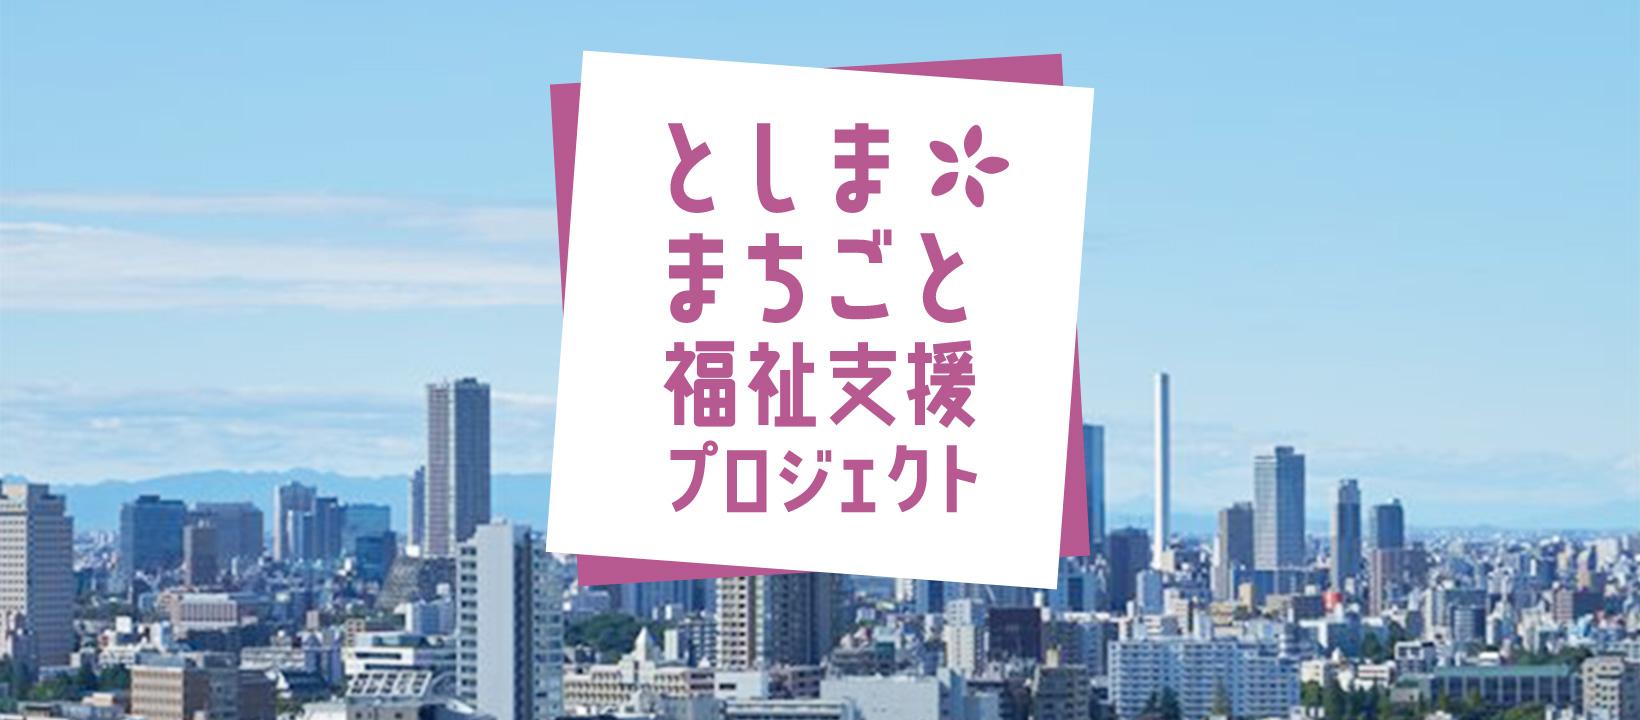 豊島区に空き家を確保せよ!「としままちごと福祉支援プロジェクト」イベント第4弾!